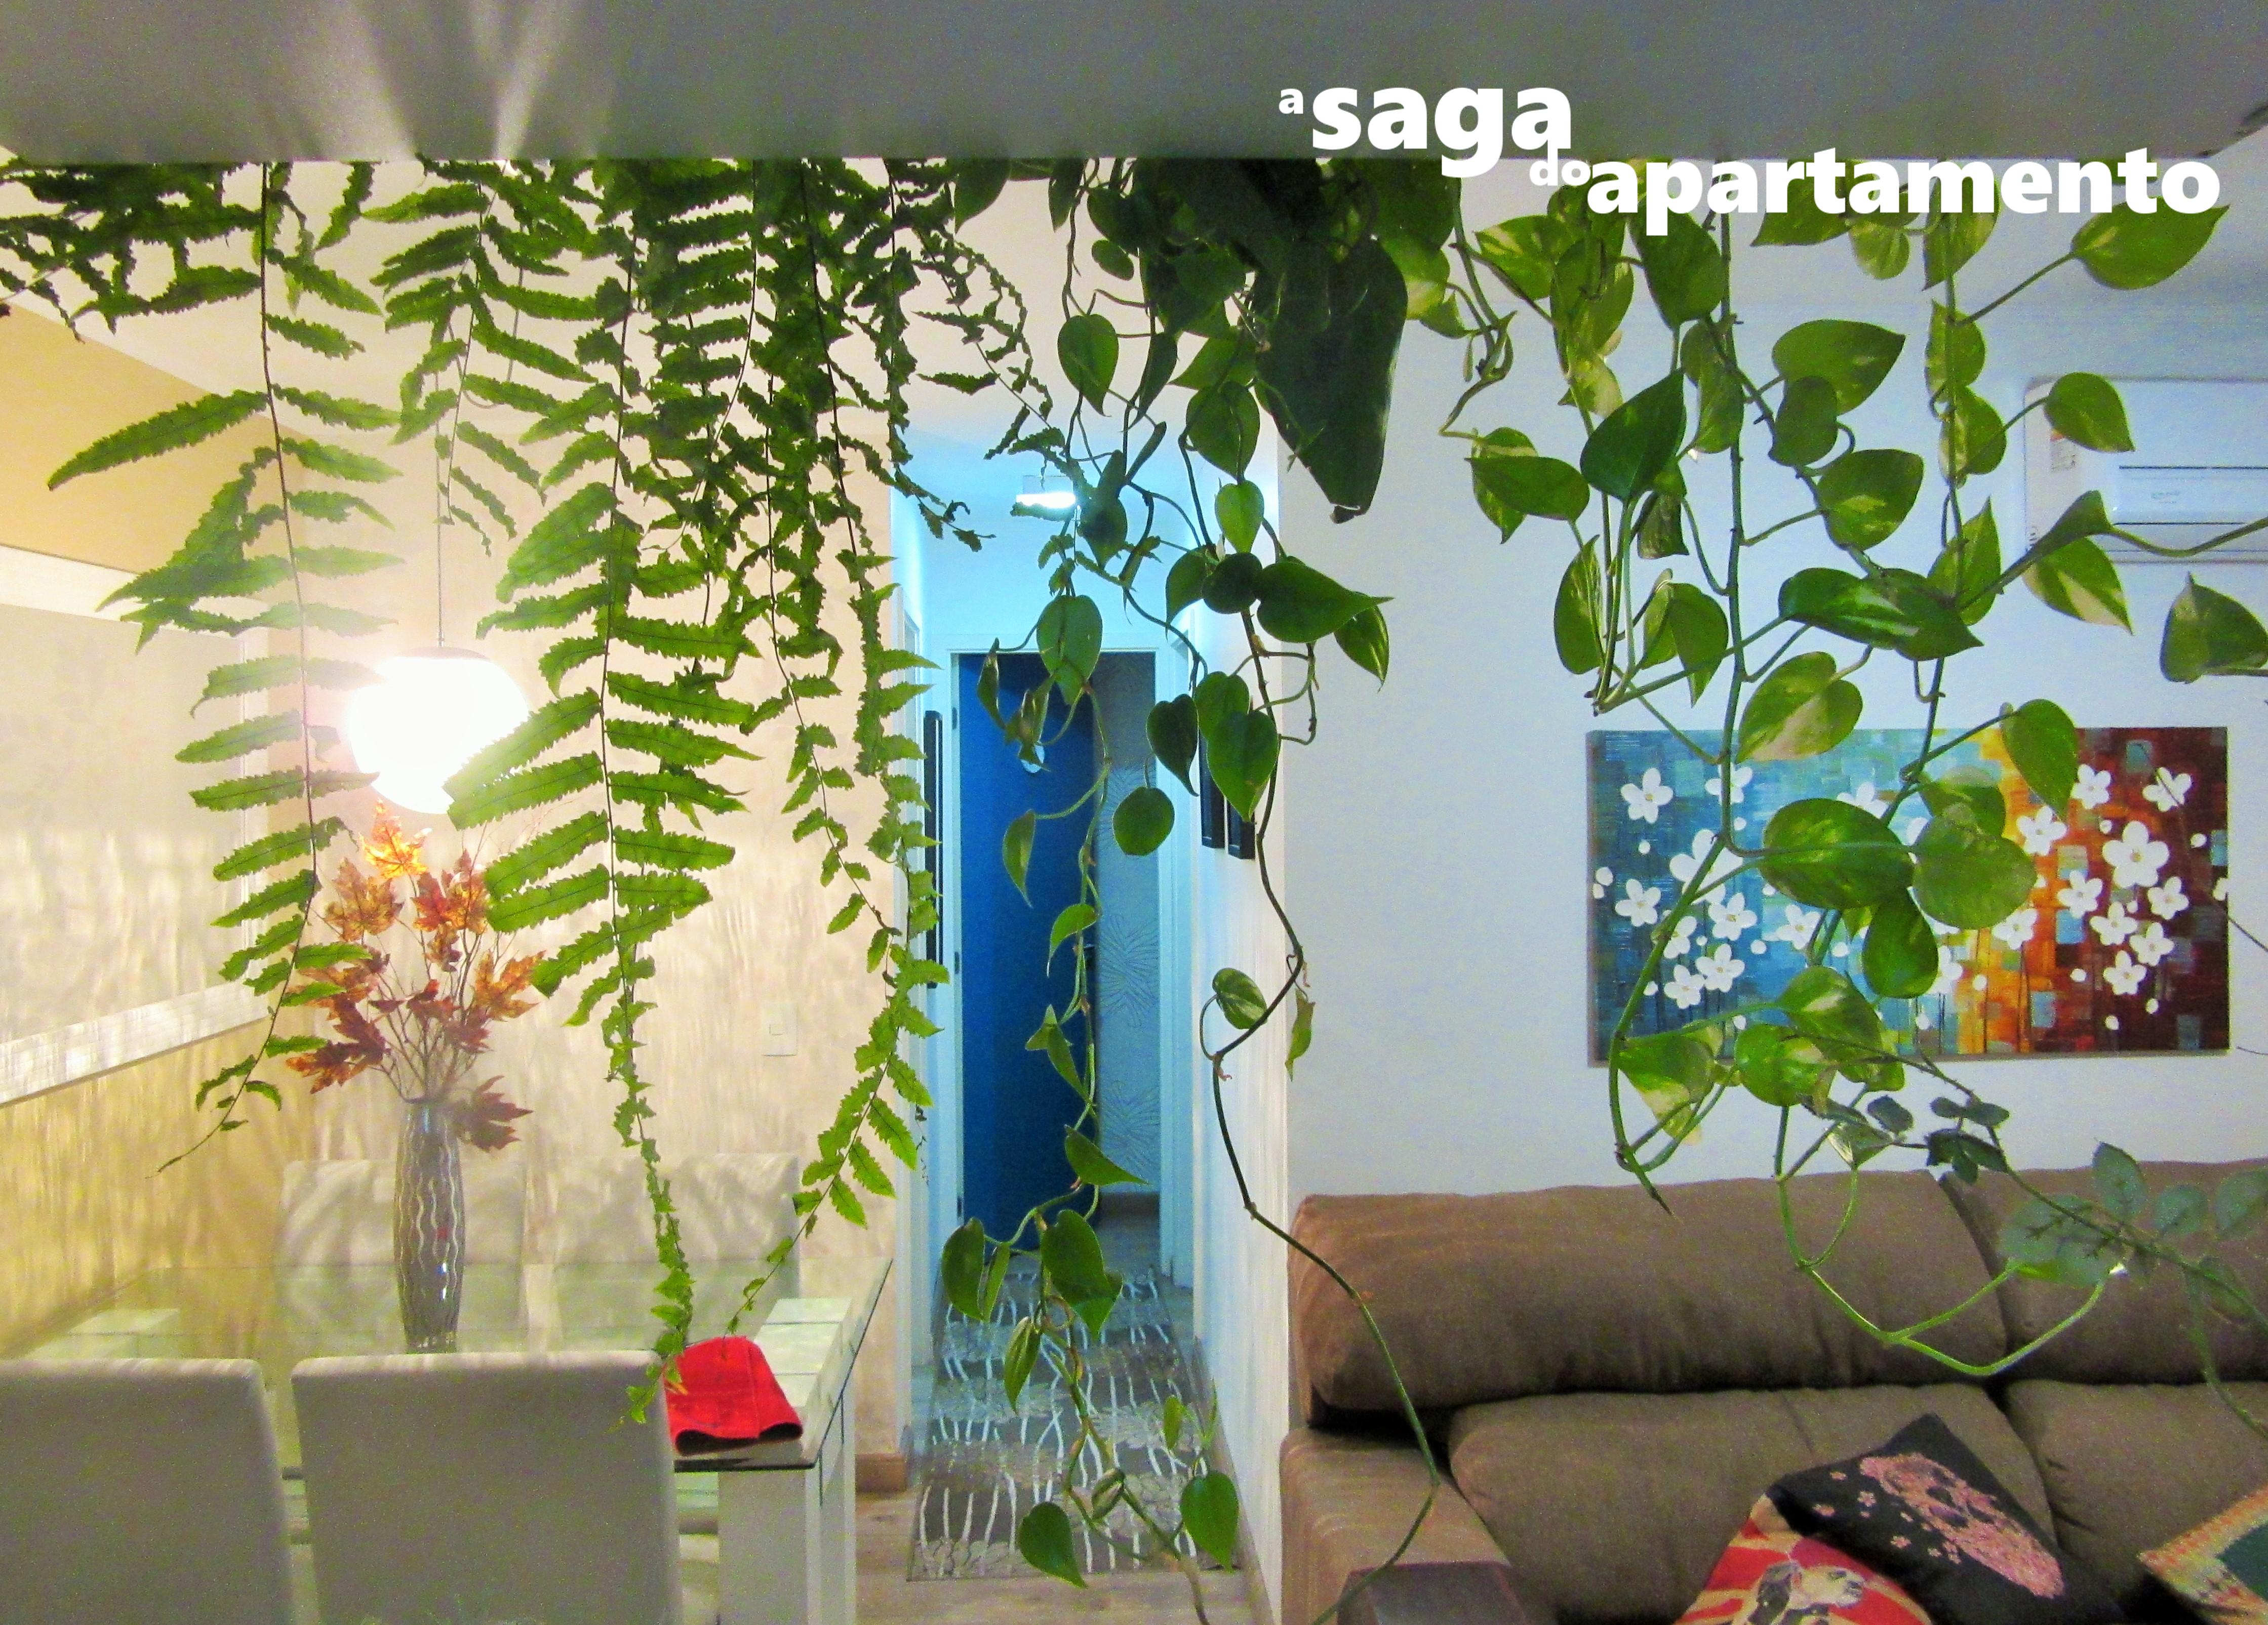 Cortina De Plantas Dividindo Sala E Cozinha A Saga Do Apartamento